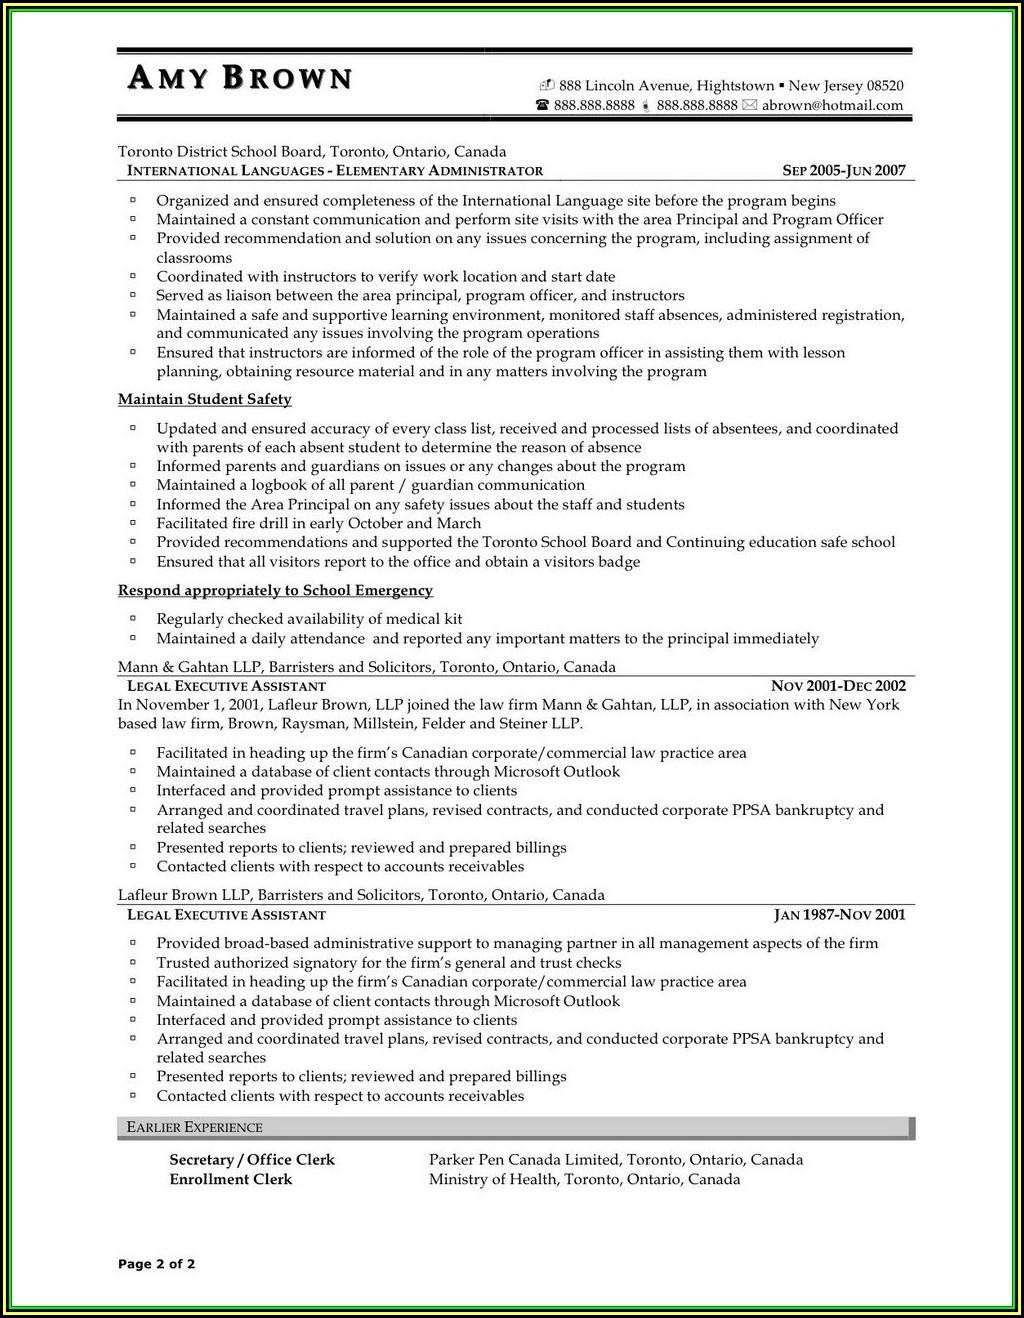 resume parsing software free